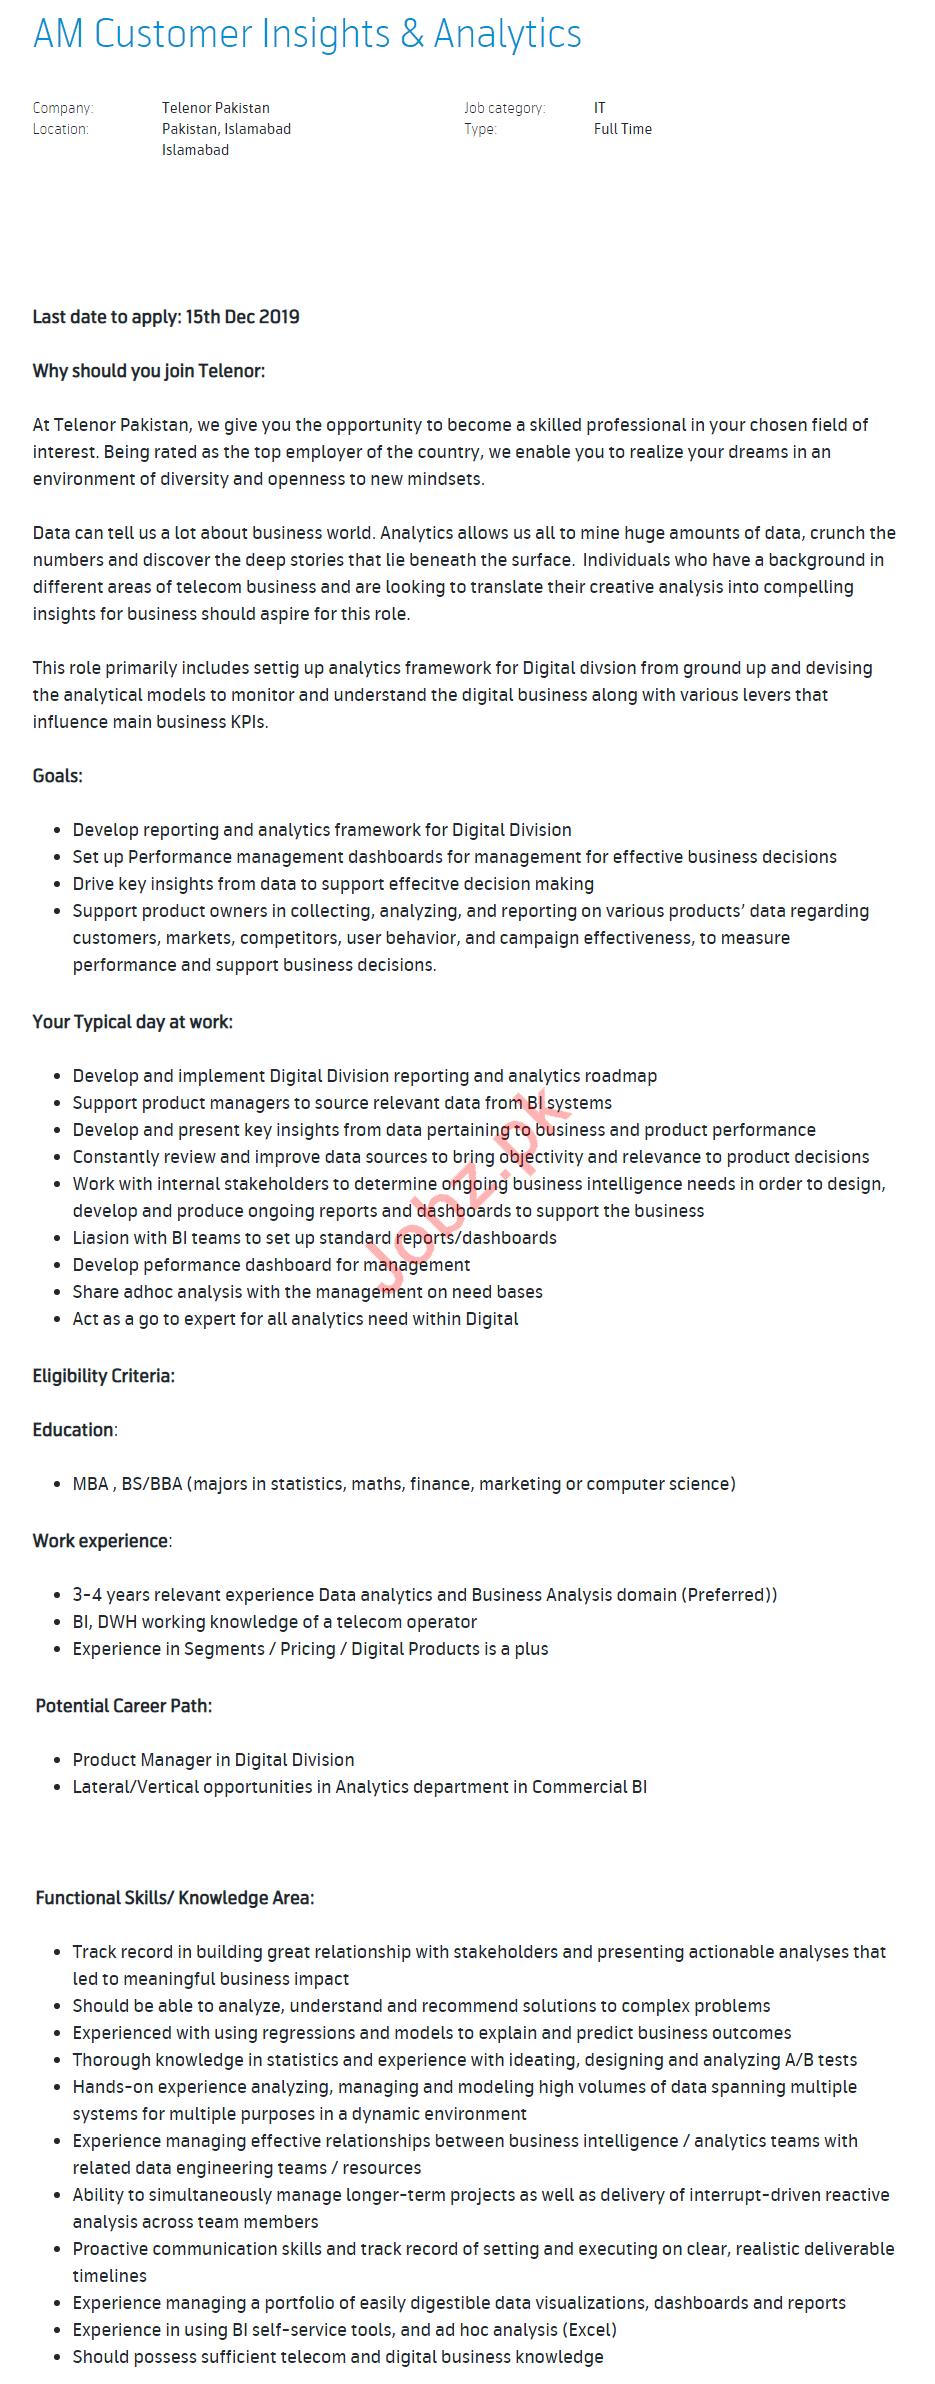 AM Customer Insight & Analytics Jobs in Telenor Pakistan